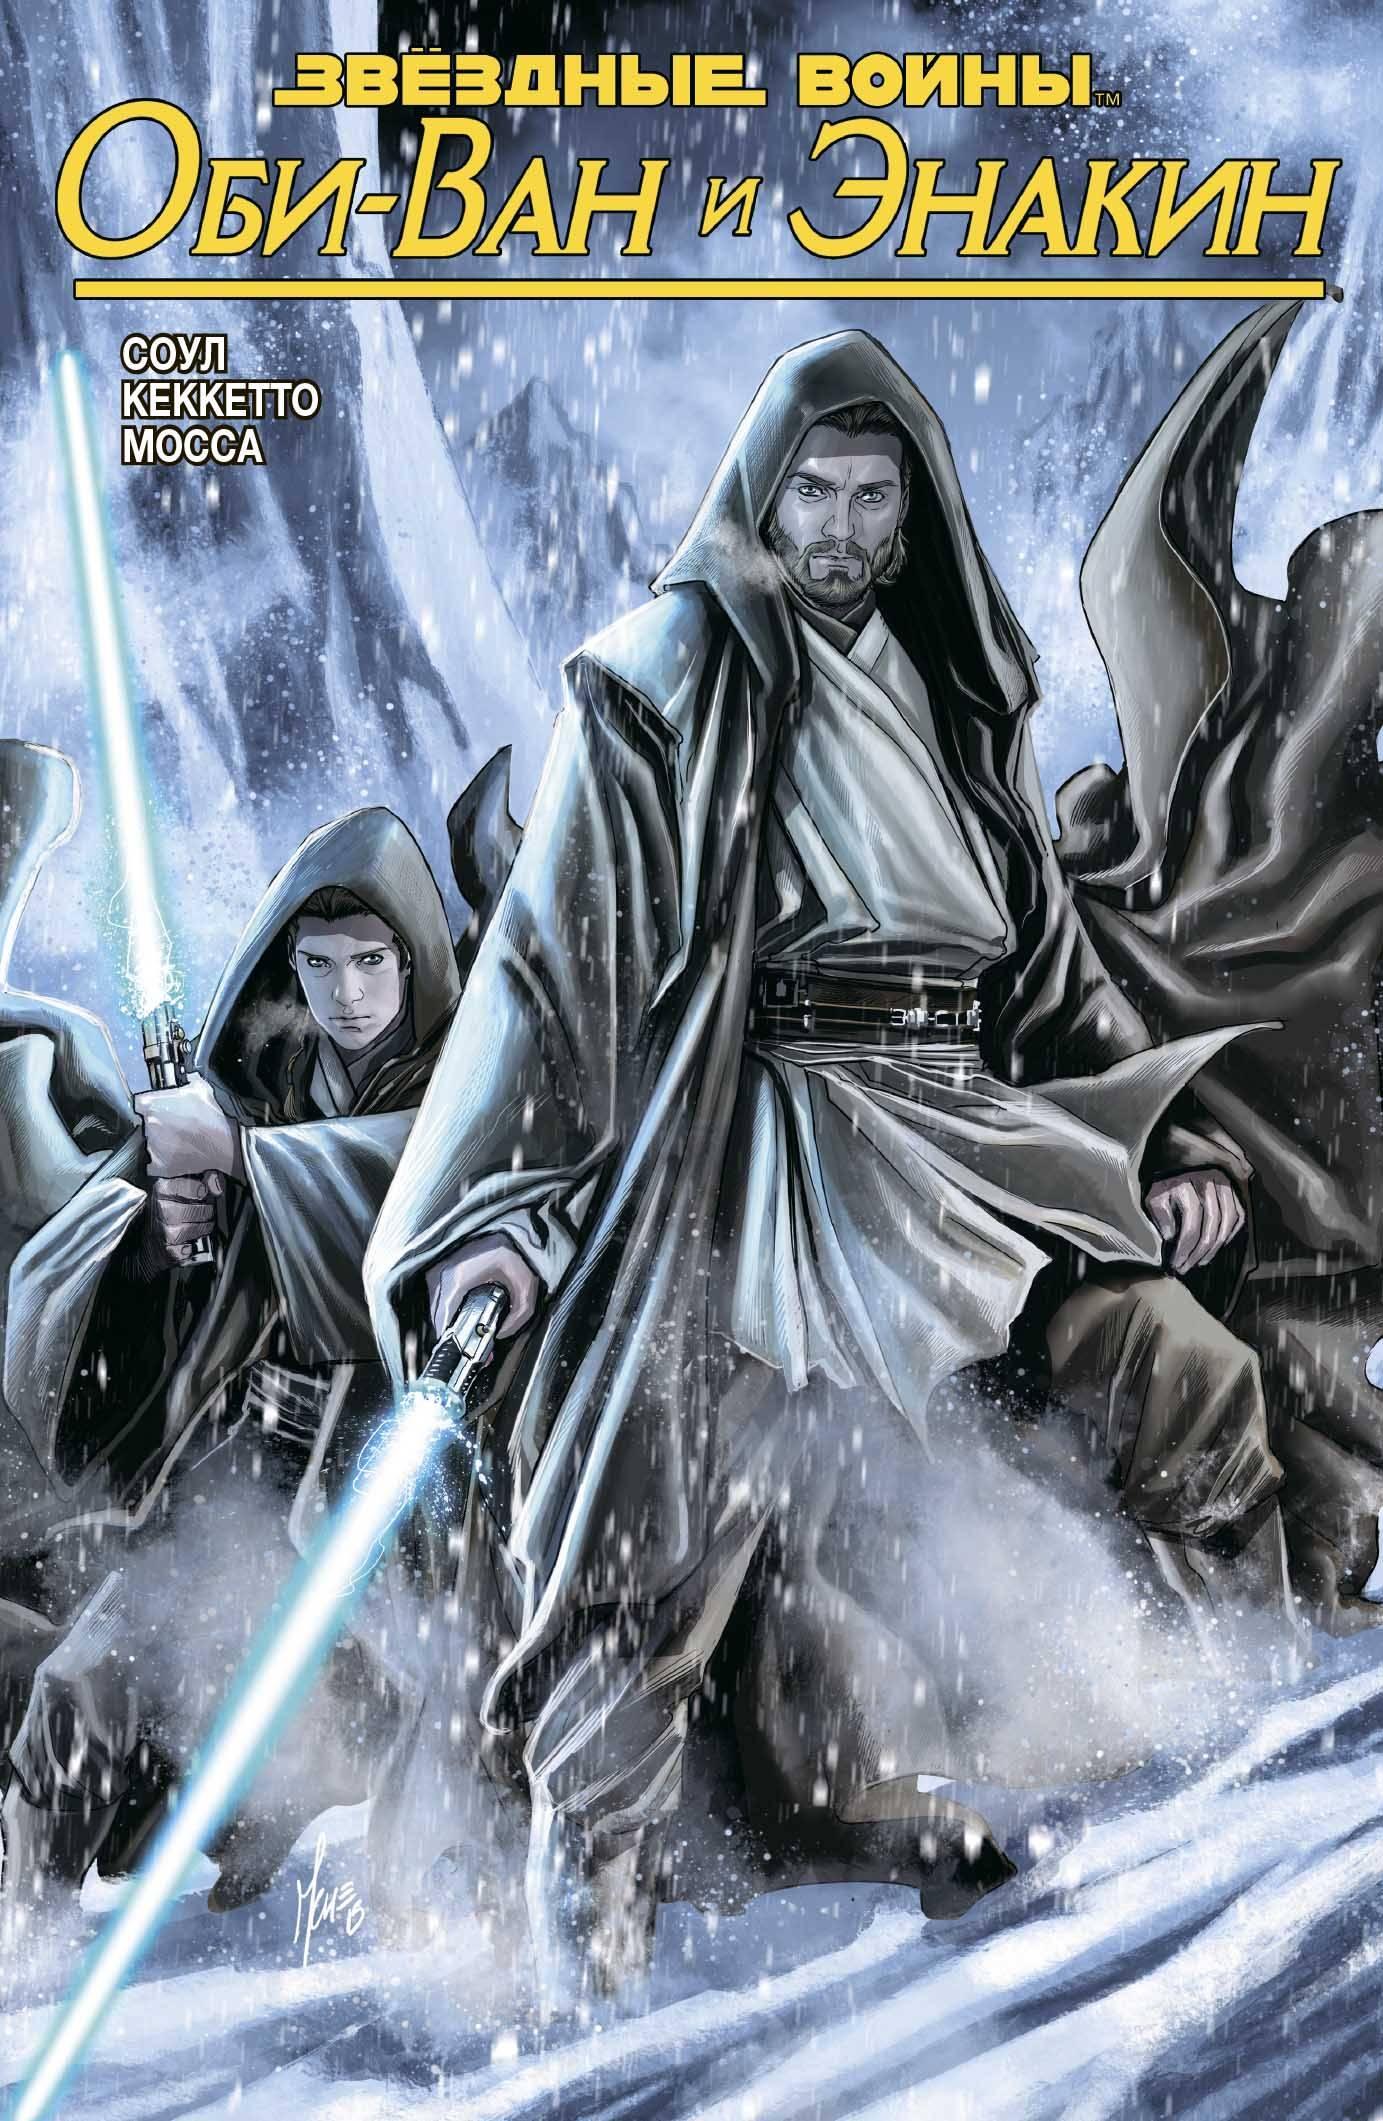 Соул Чарльз Звёздные Войны. Оби-Ван и Энакин